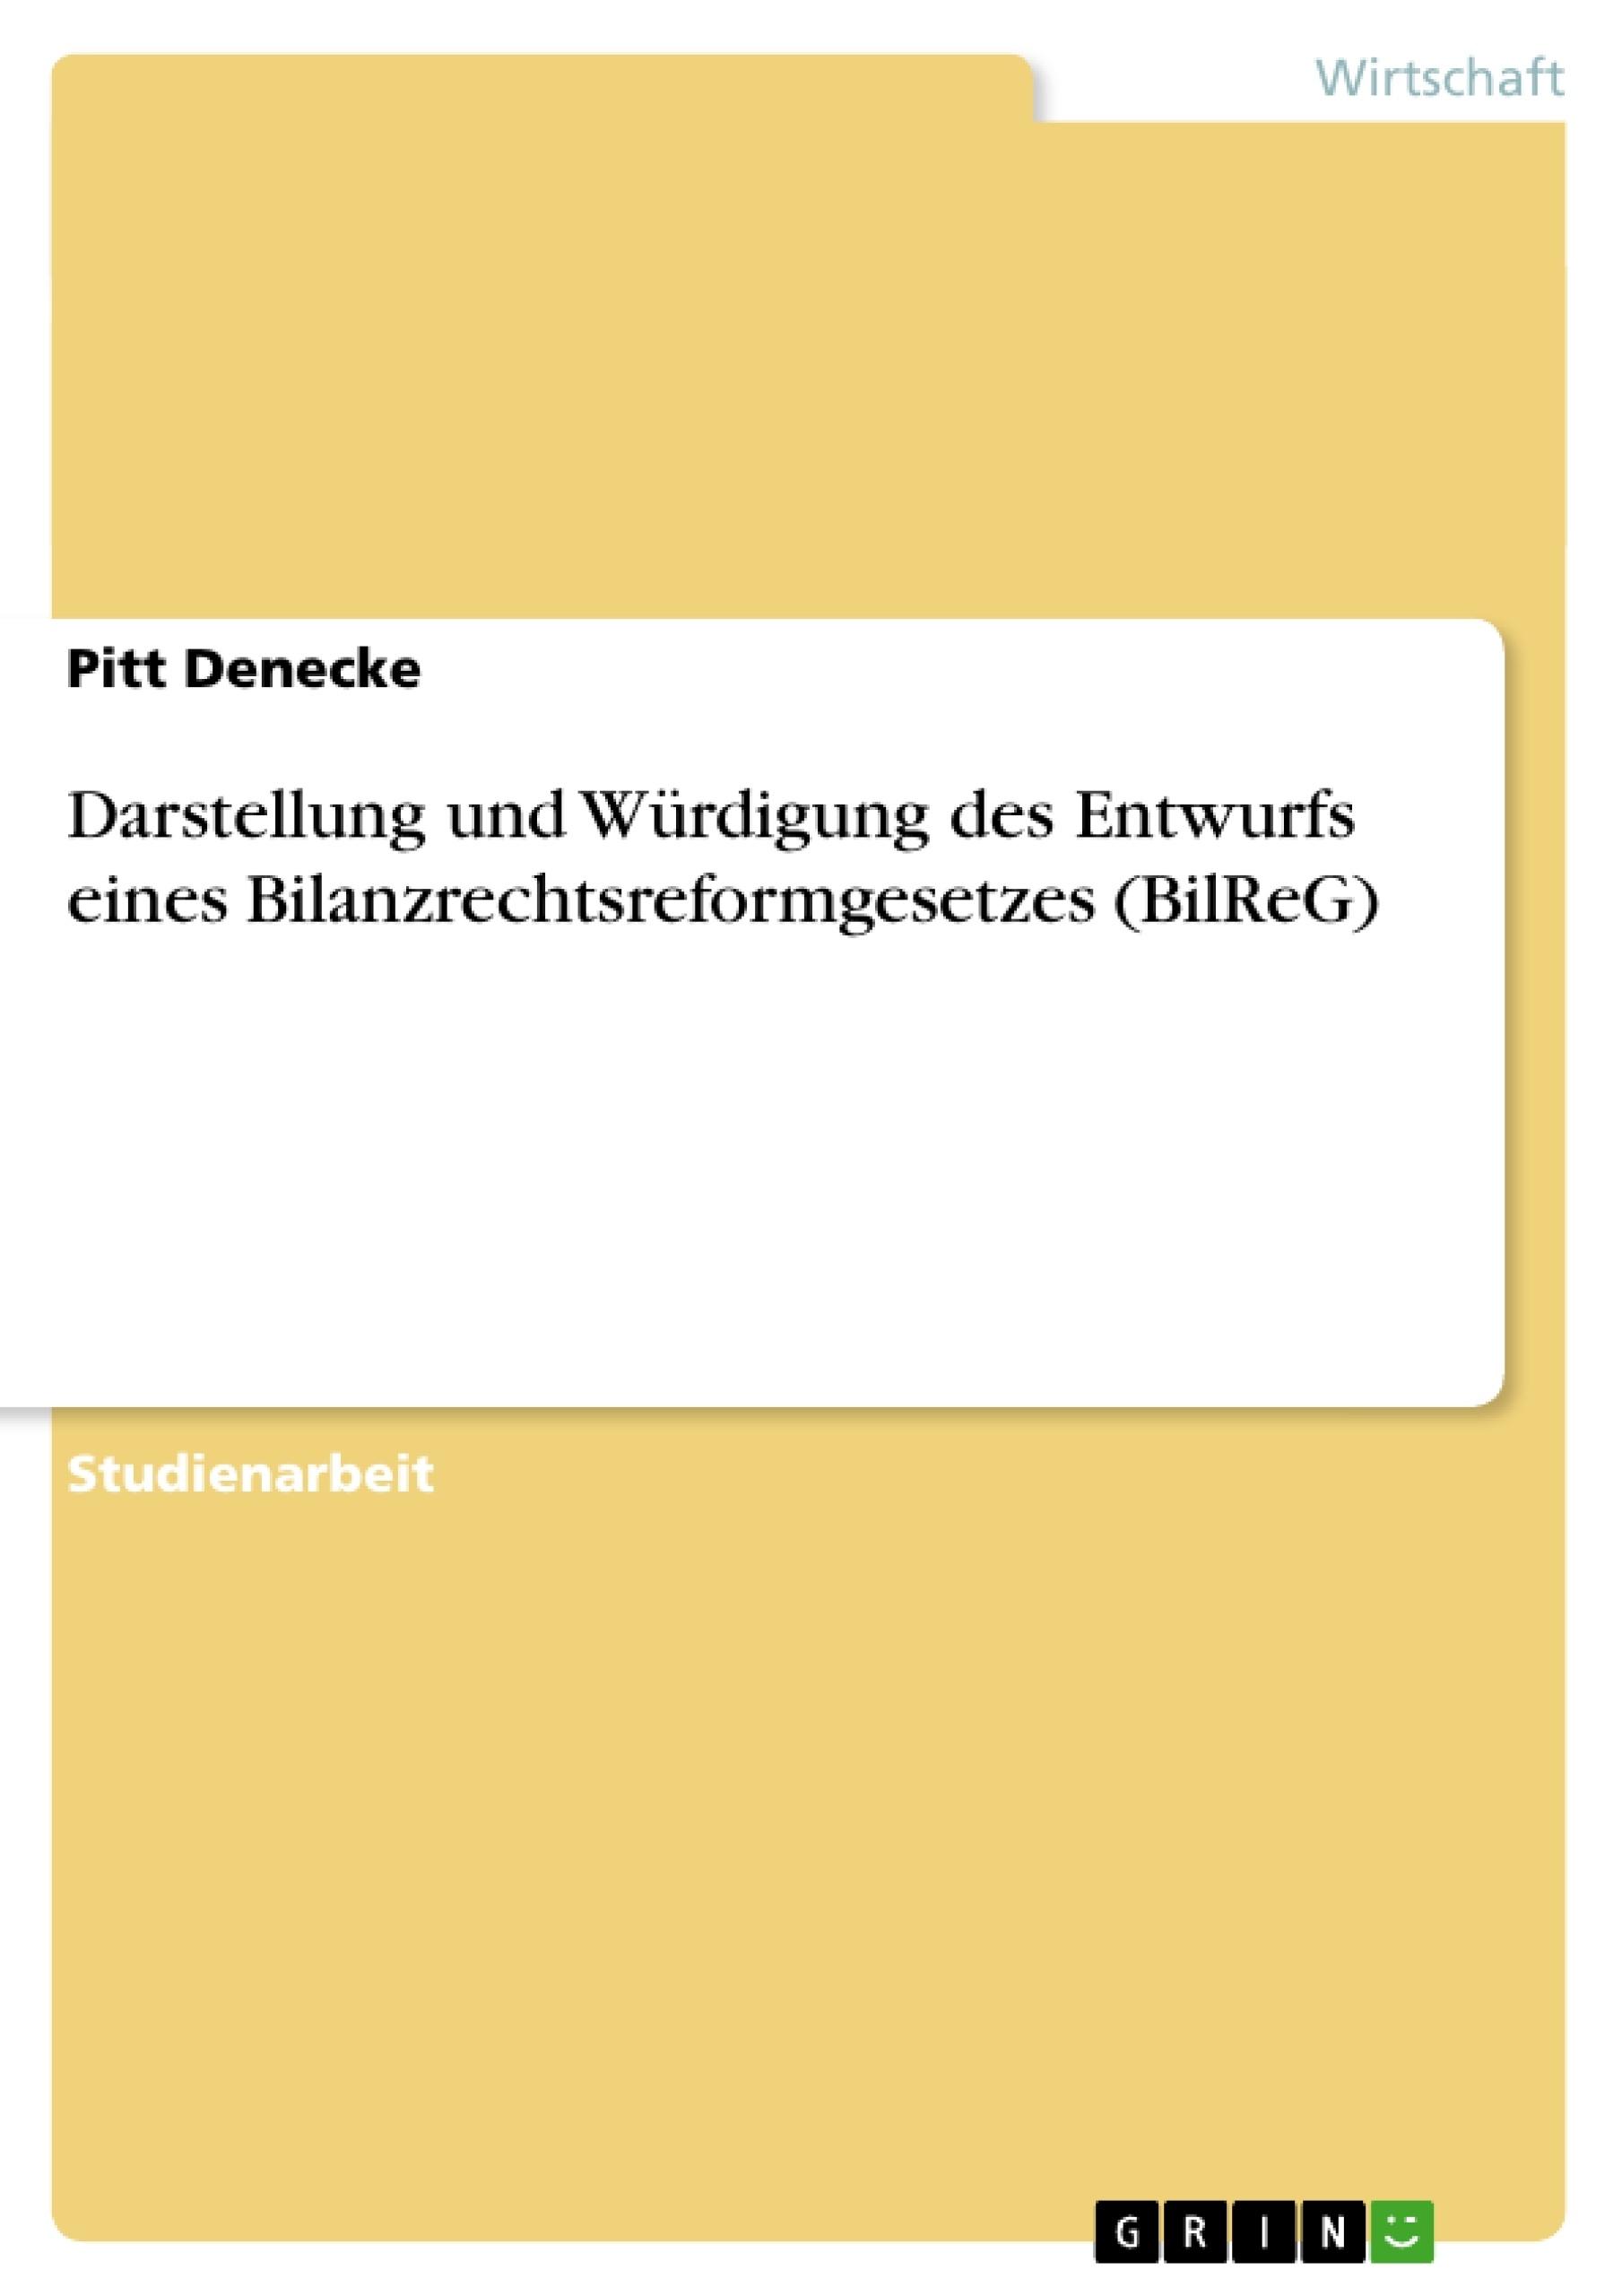 Titel: Darstellung und Würdigung des Entwurfs eines Bilanzrechtsreformgesetzes (BilReG)